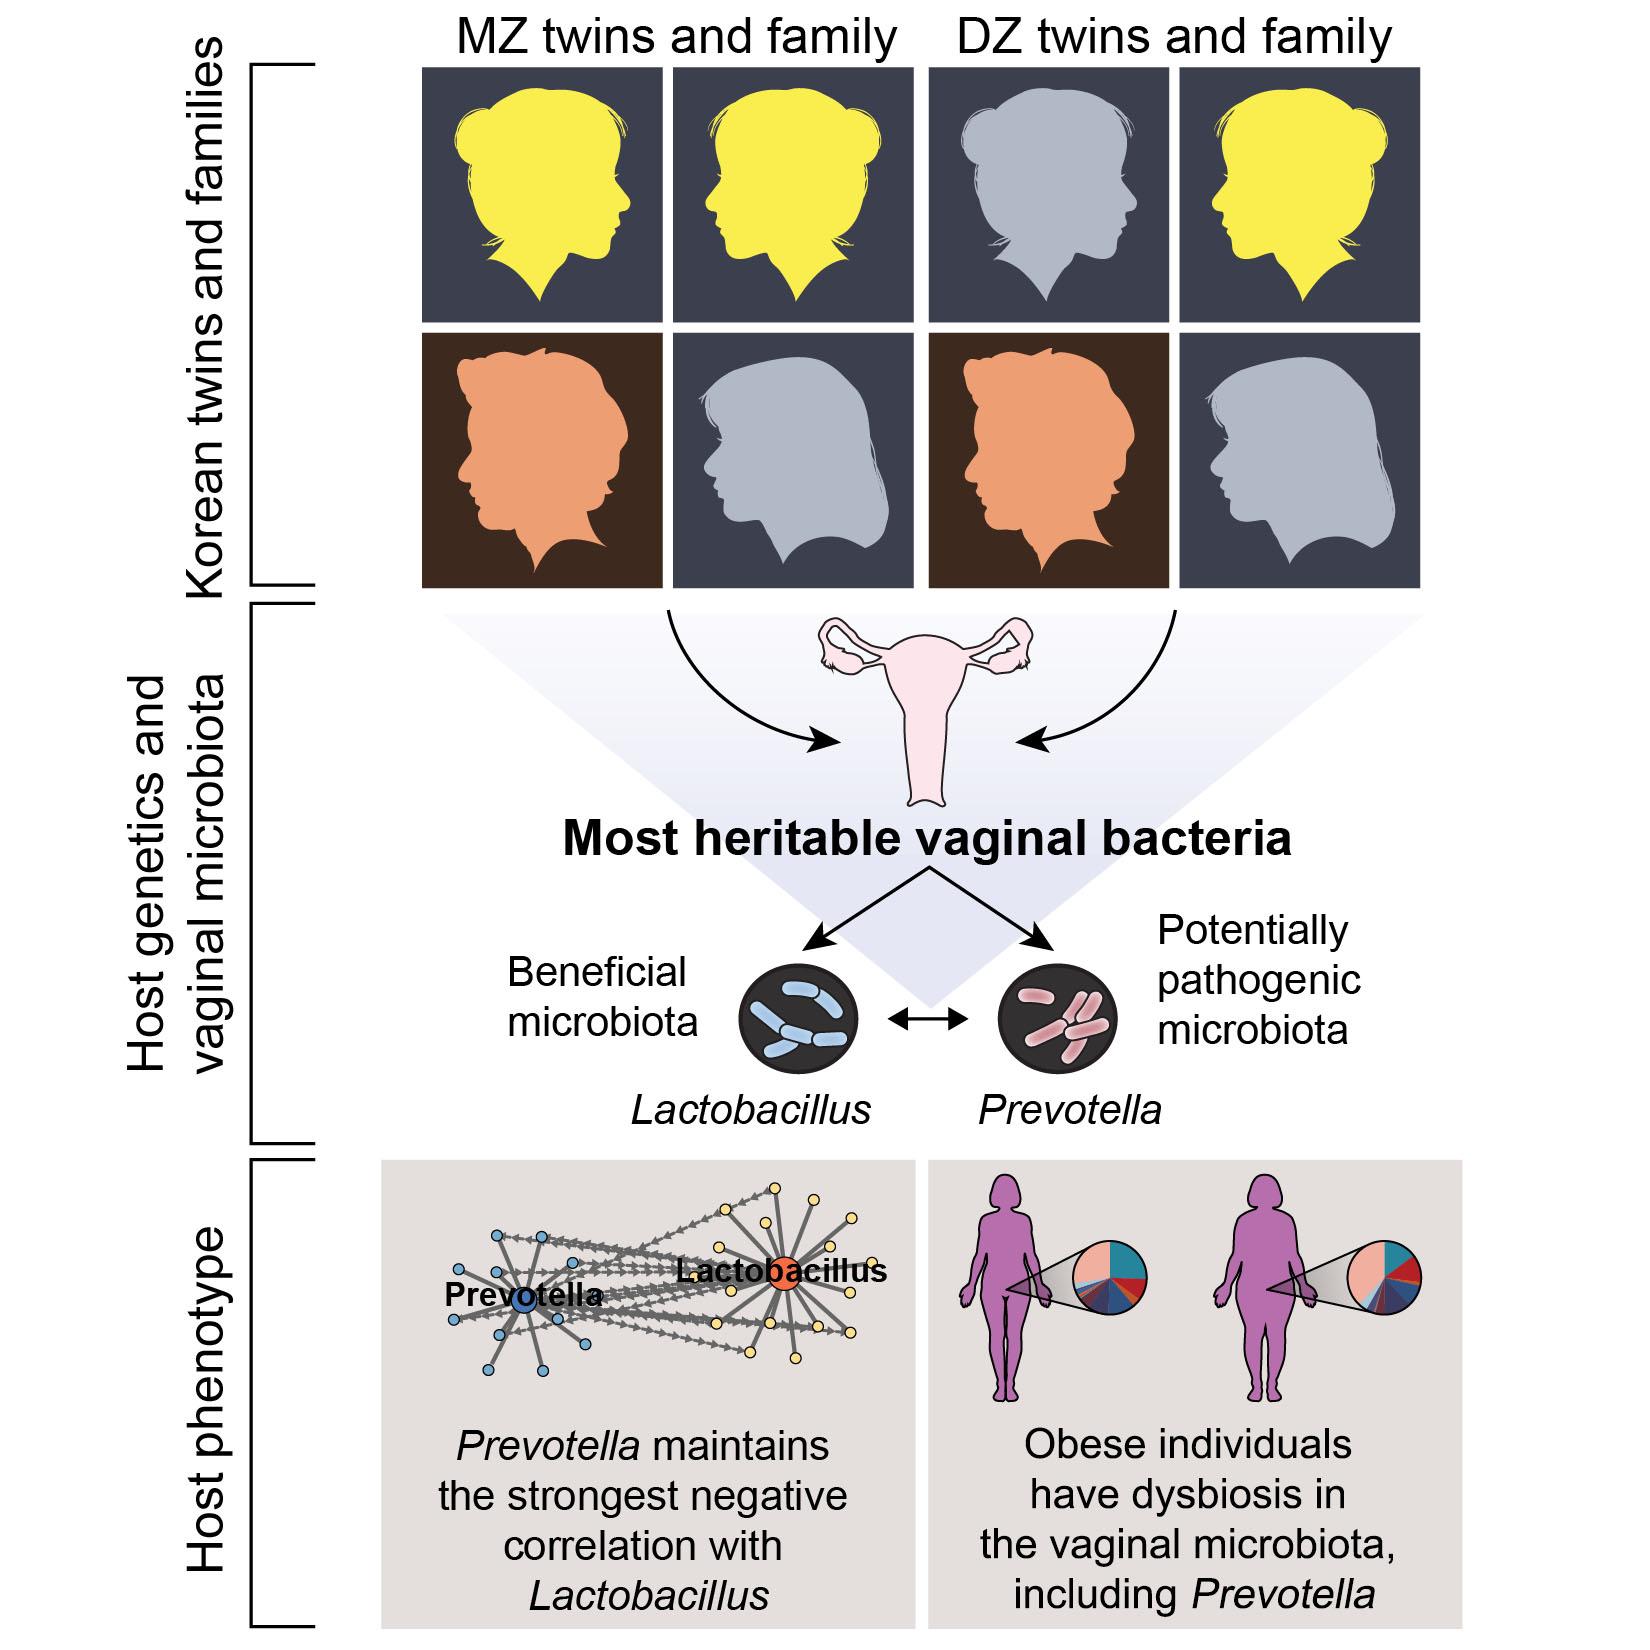 유전되는 질 내 박테리아, 비만까지 영향 준다